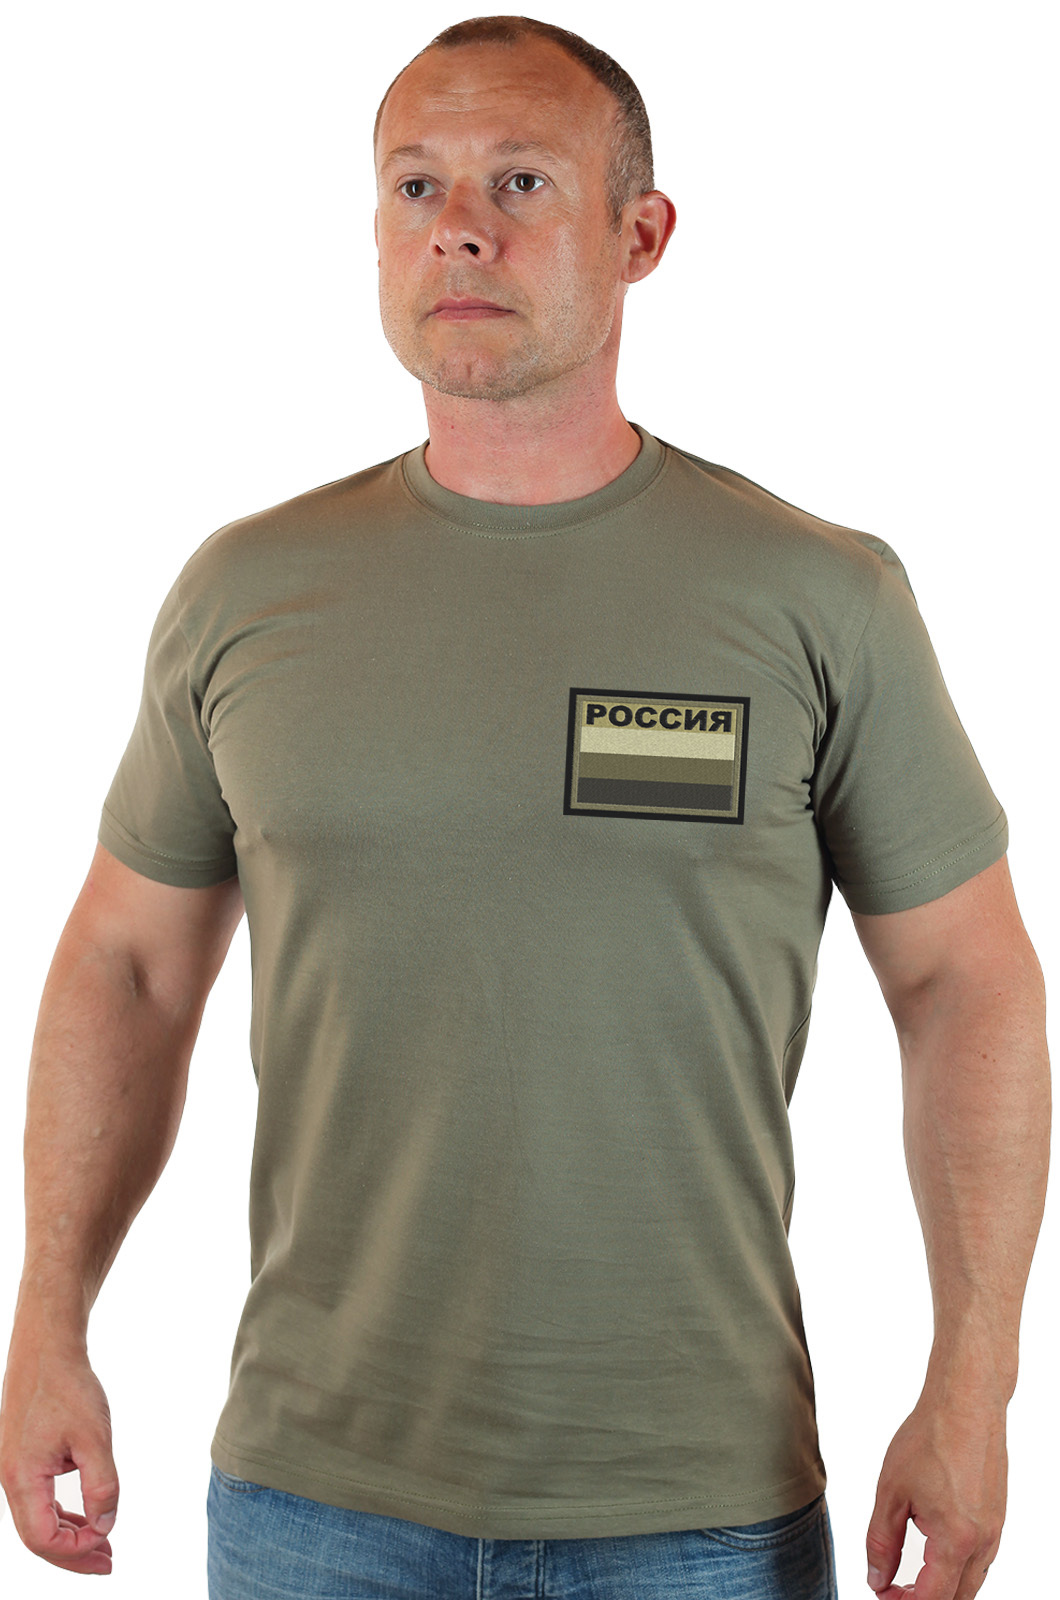 Купить в Москве с доставкой мужские футболки РОССИЯ